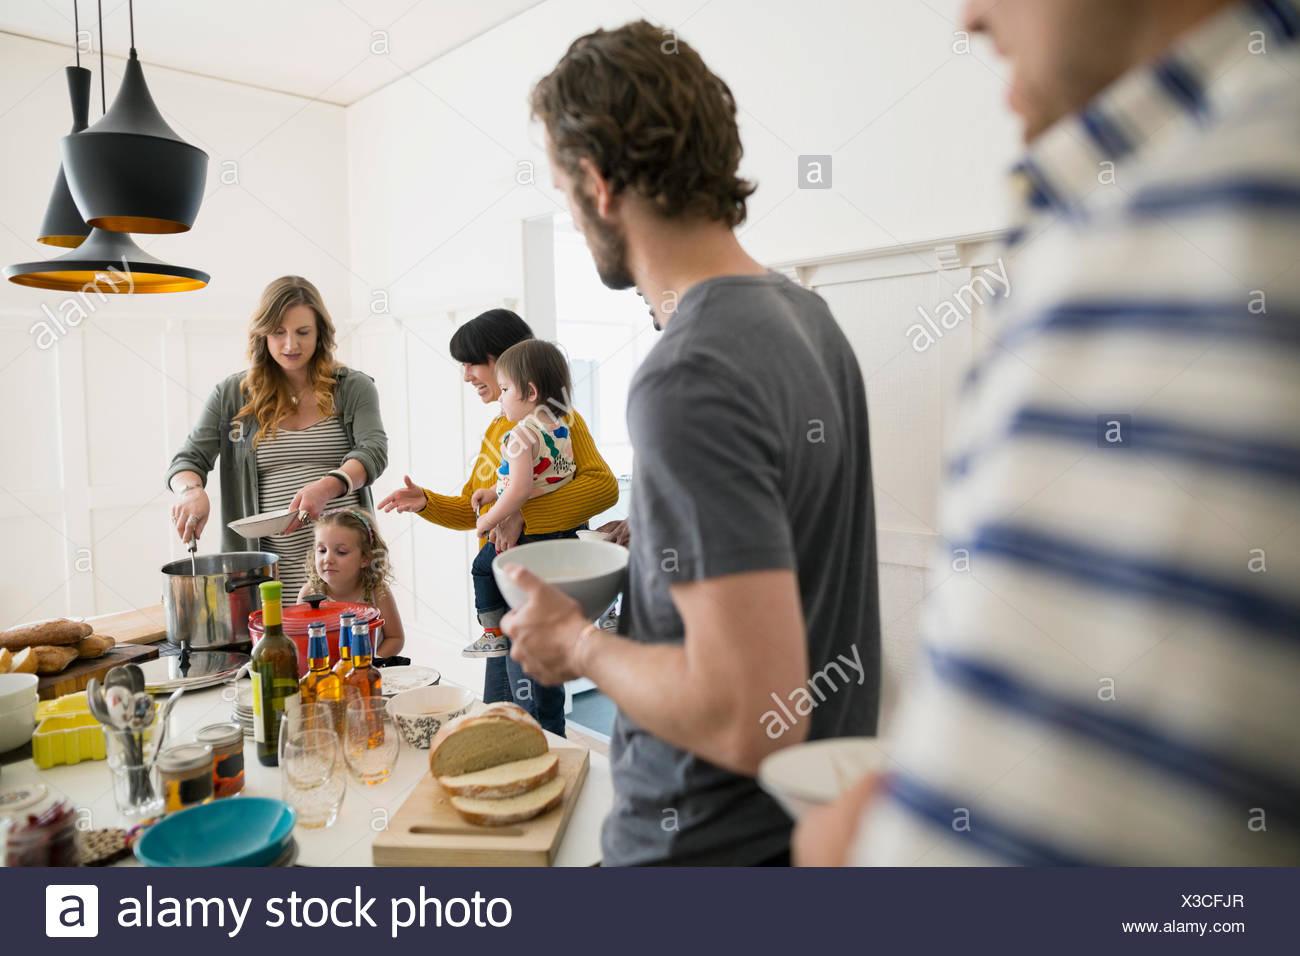 Las familias disfrutando del almuerzo buffet en el comedor Imagen De Stock